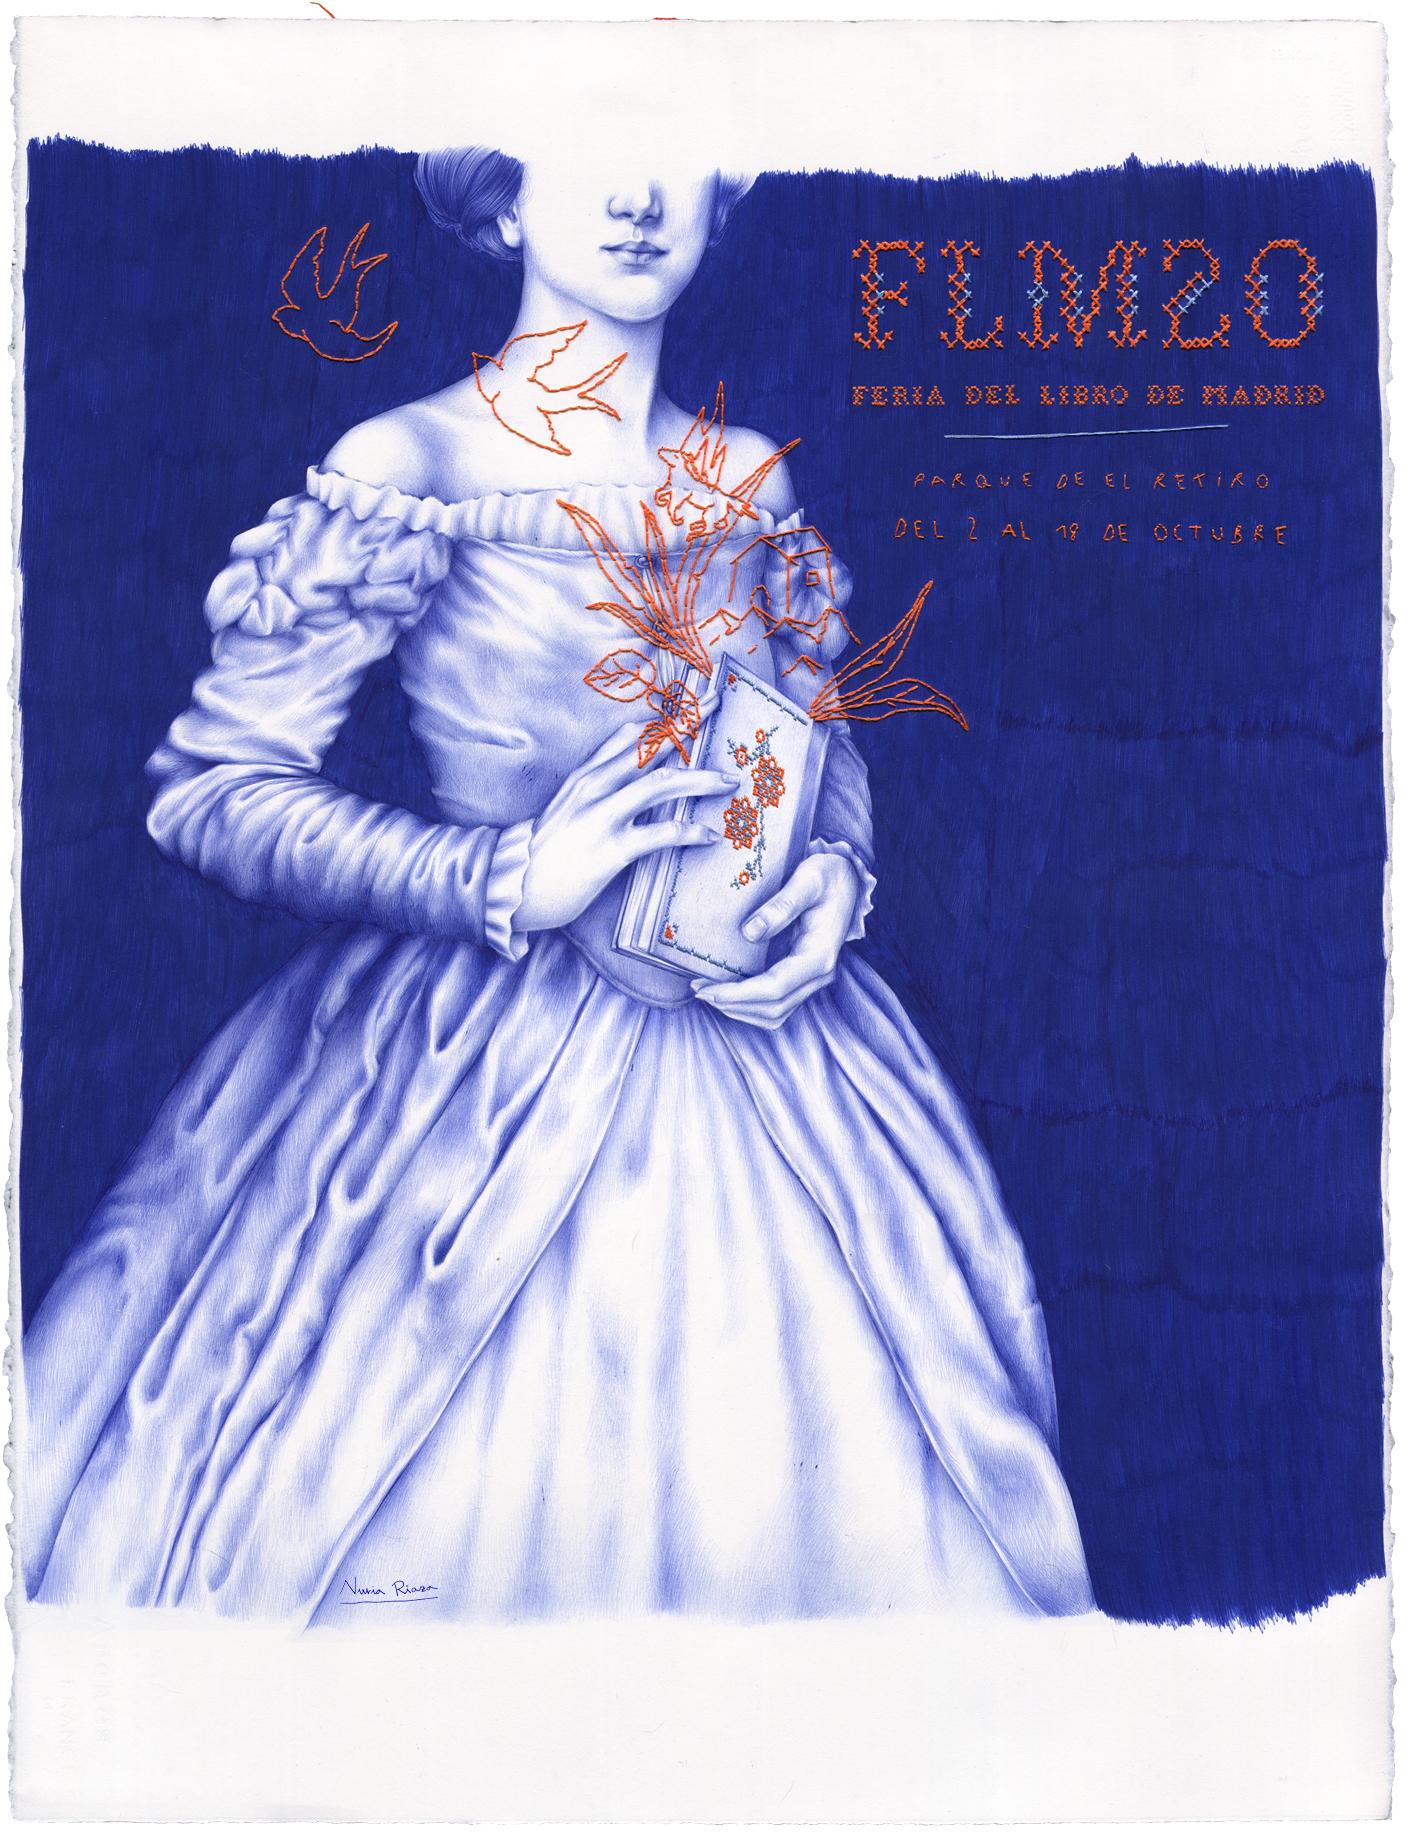 Imagen de la 79 Edición de la Feria del Libro de Madrid